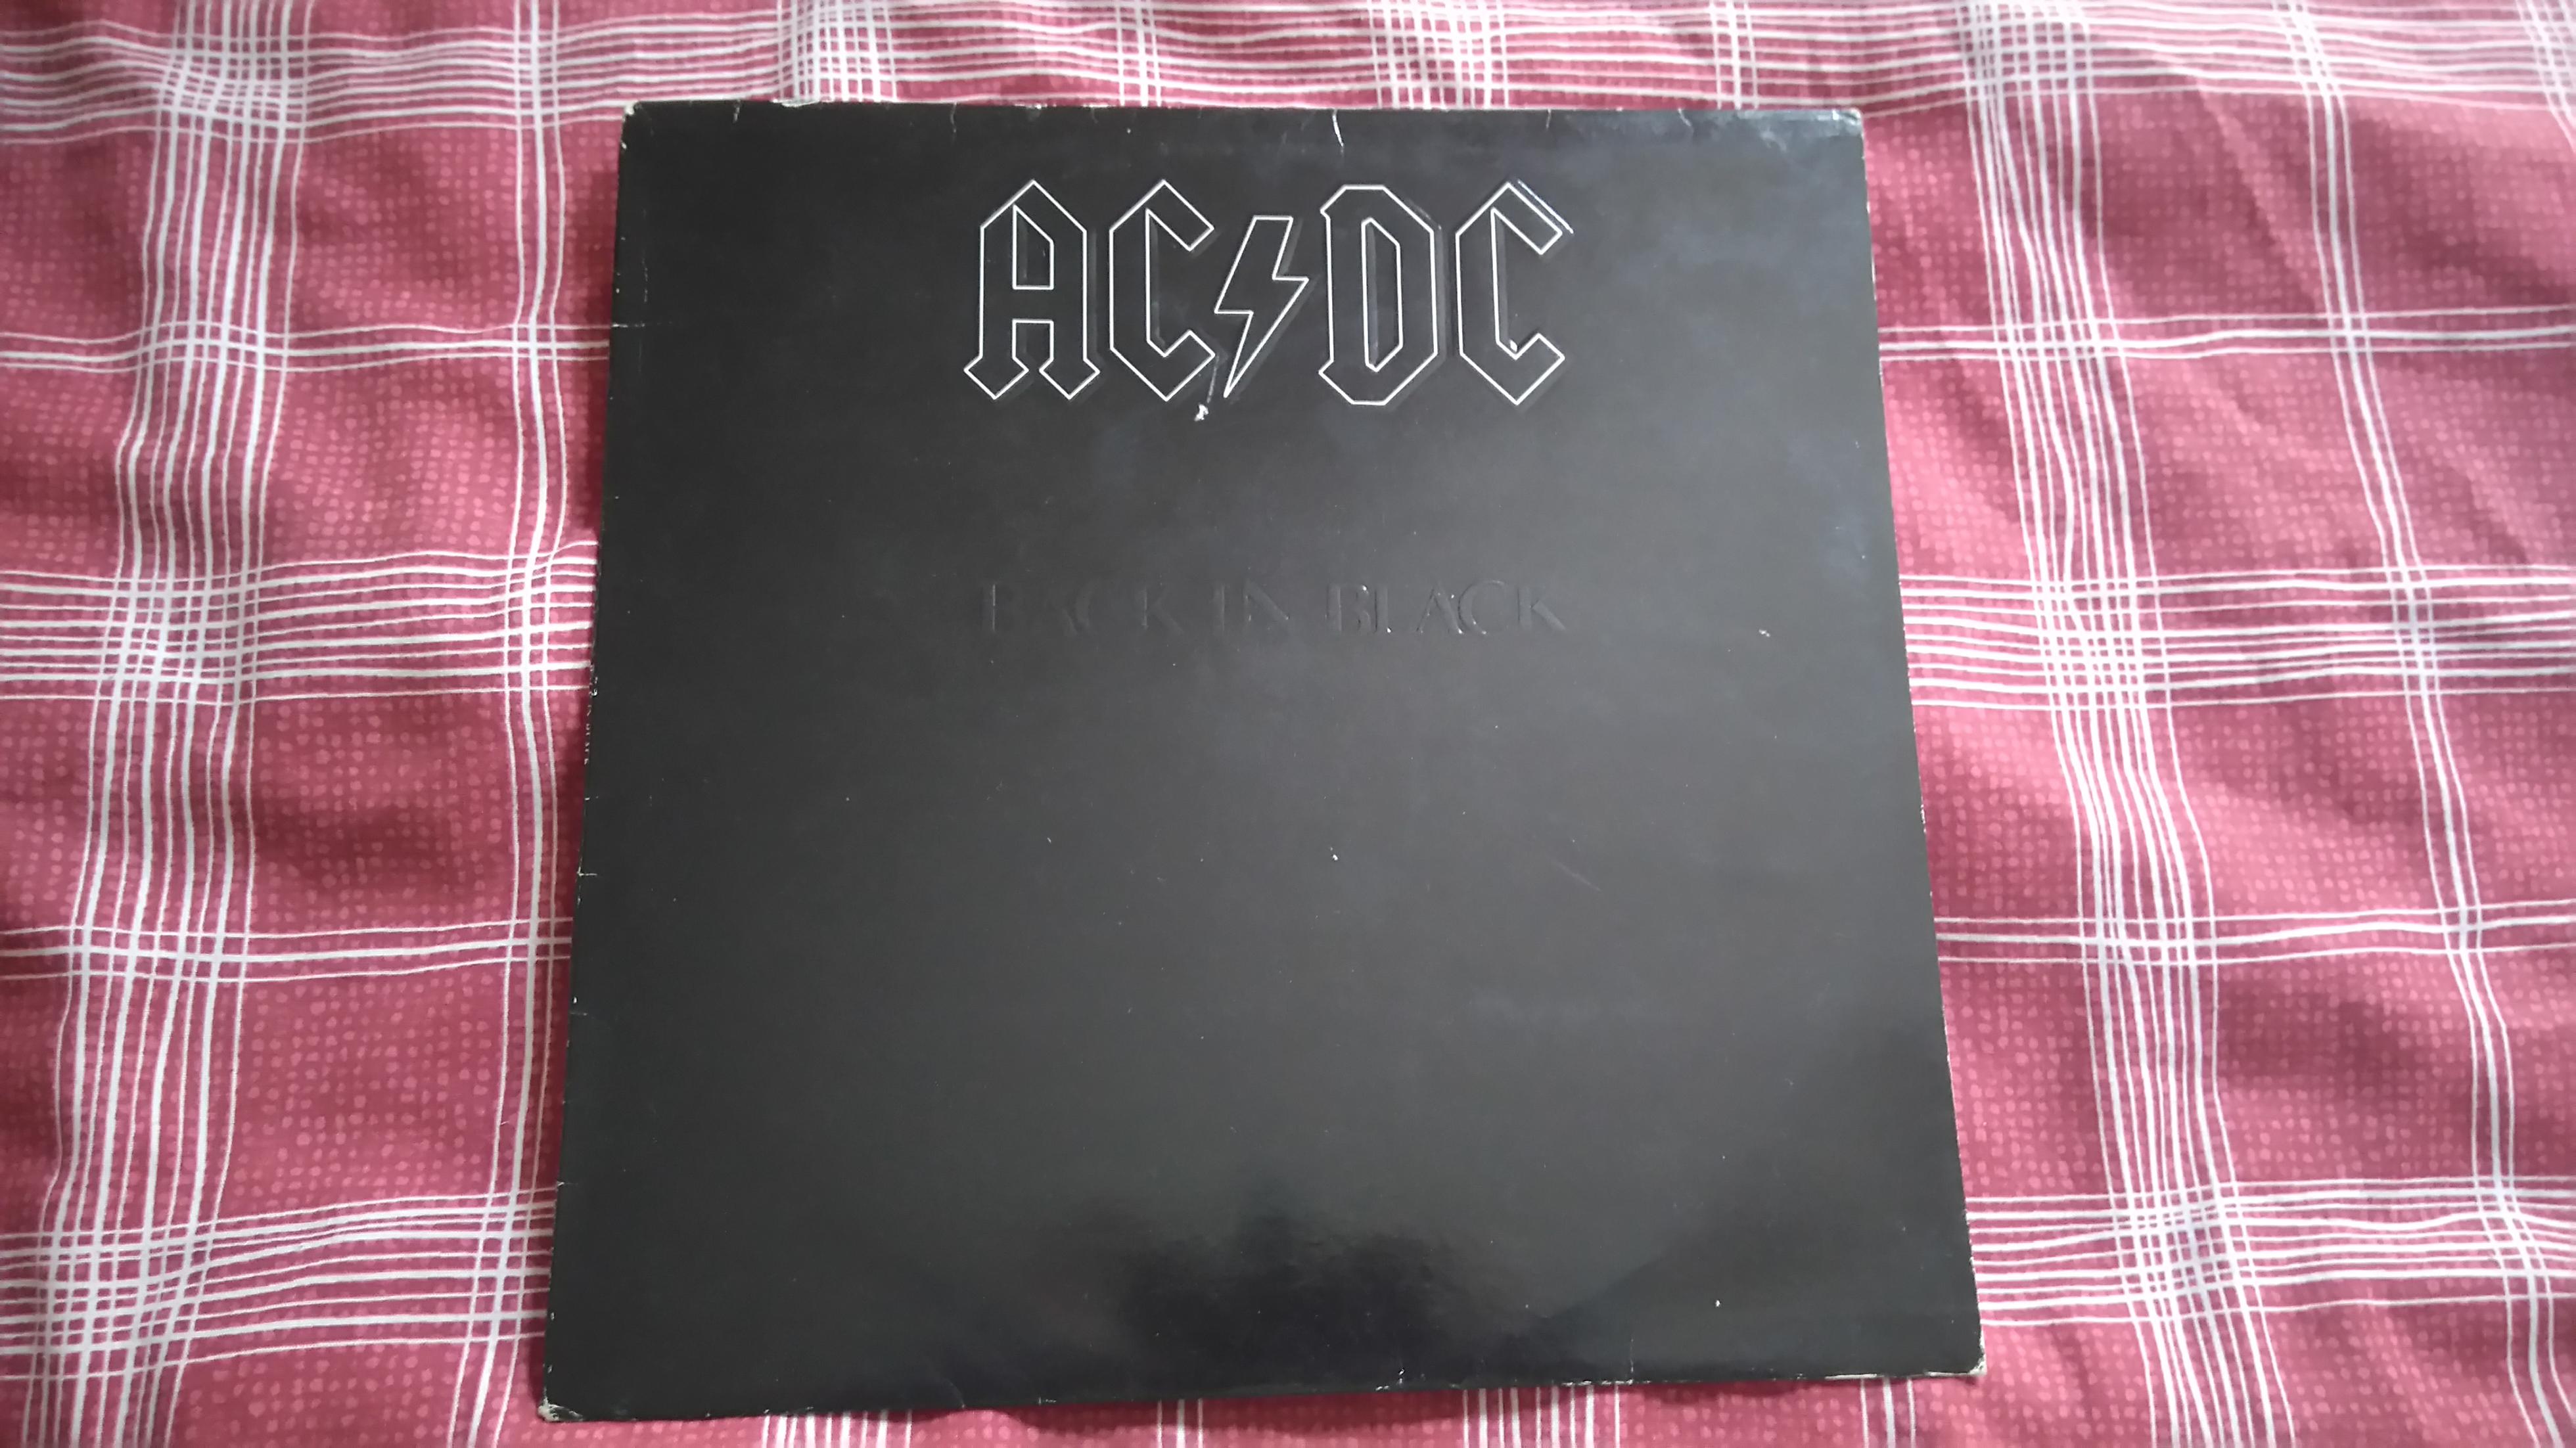 ACDC Vinyl.JPG